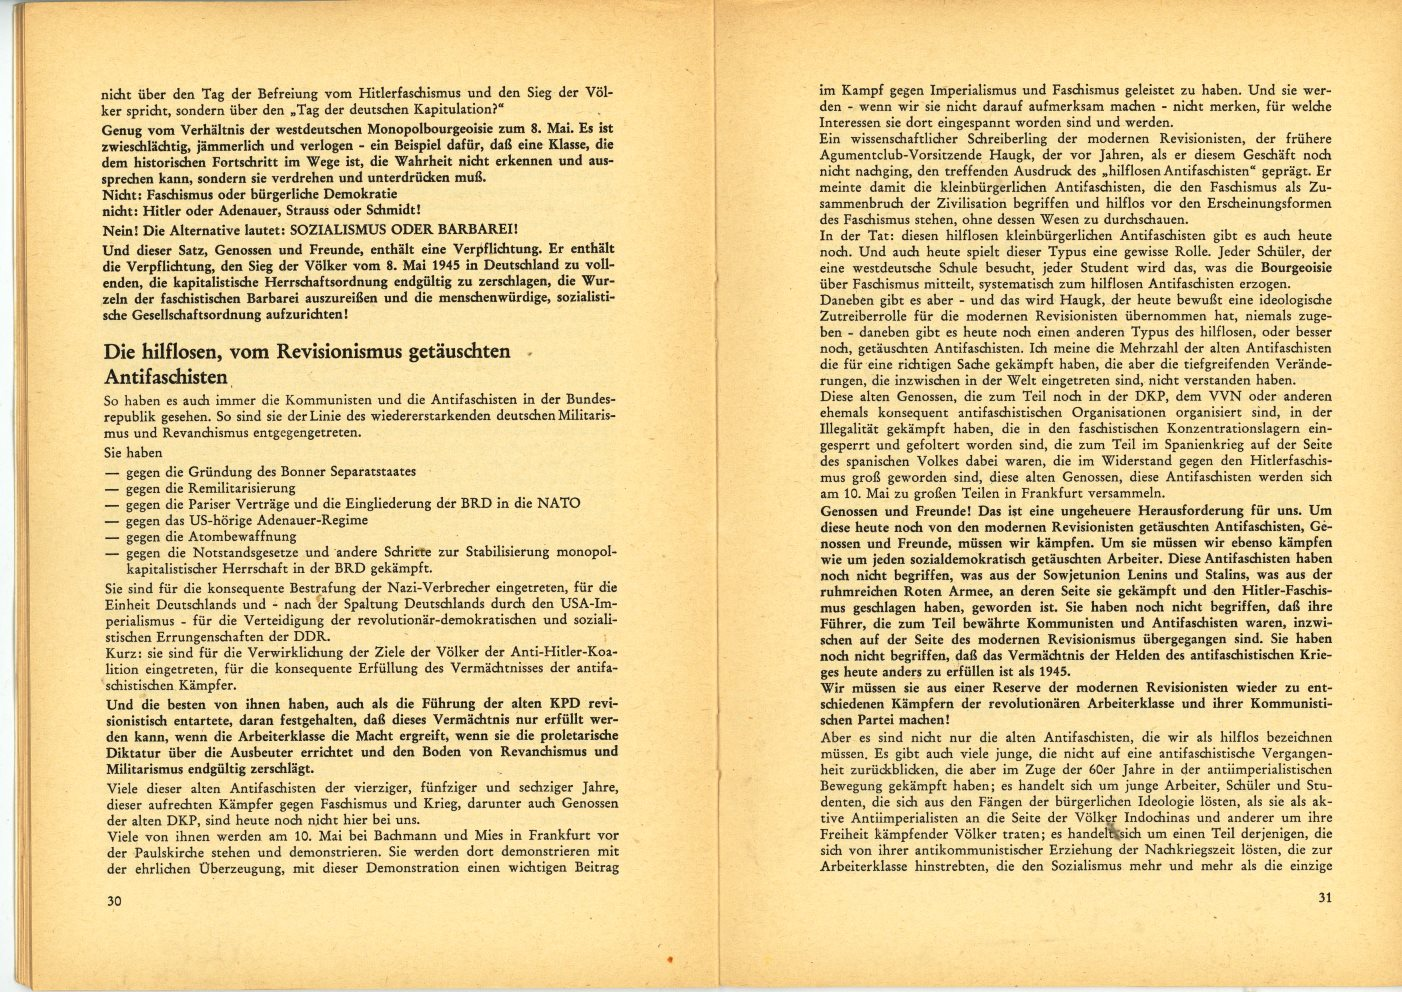 KPDAO_1975_30_Jahrestag_der_Befreiung_vom_Faschismus_17